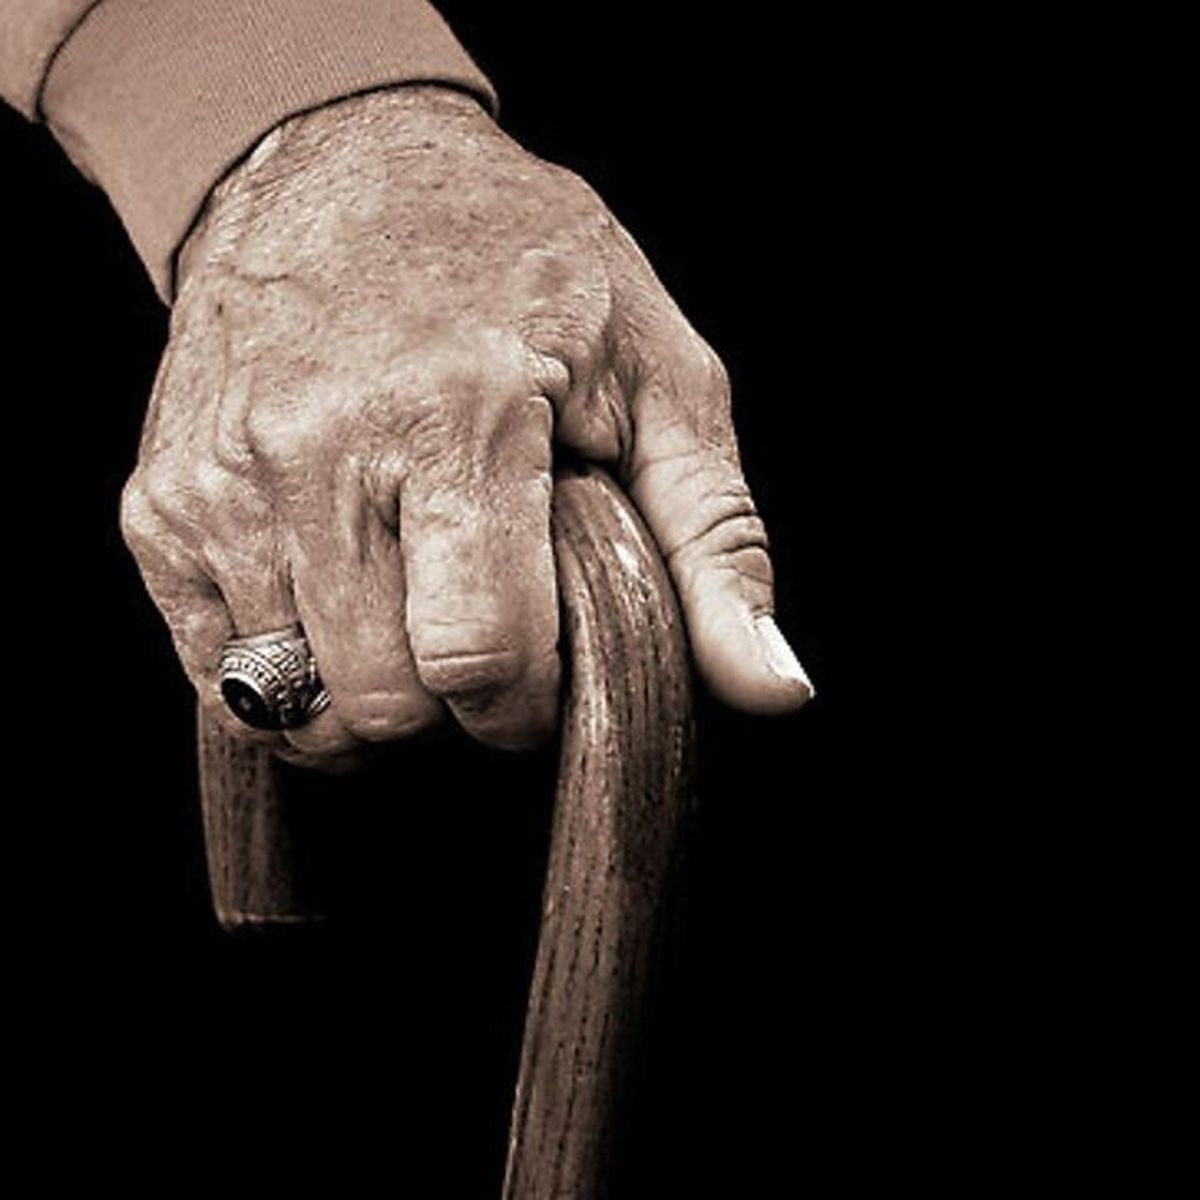 جرائم غیرعمد    پیرمرد ۹۱ ساله راهی زندان شد